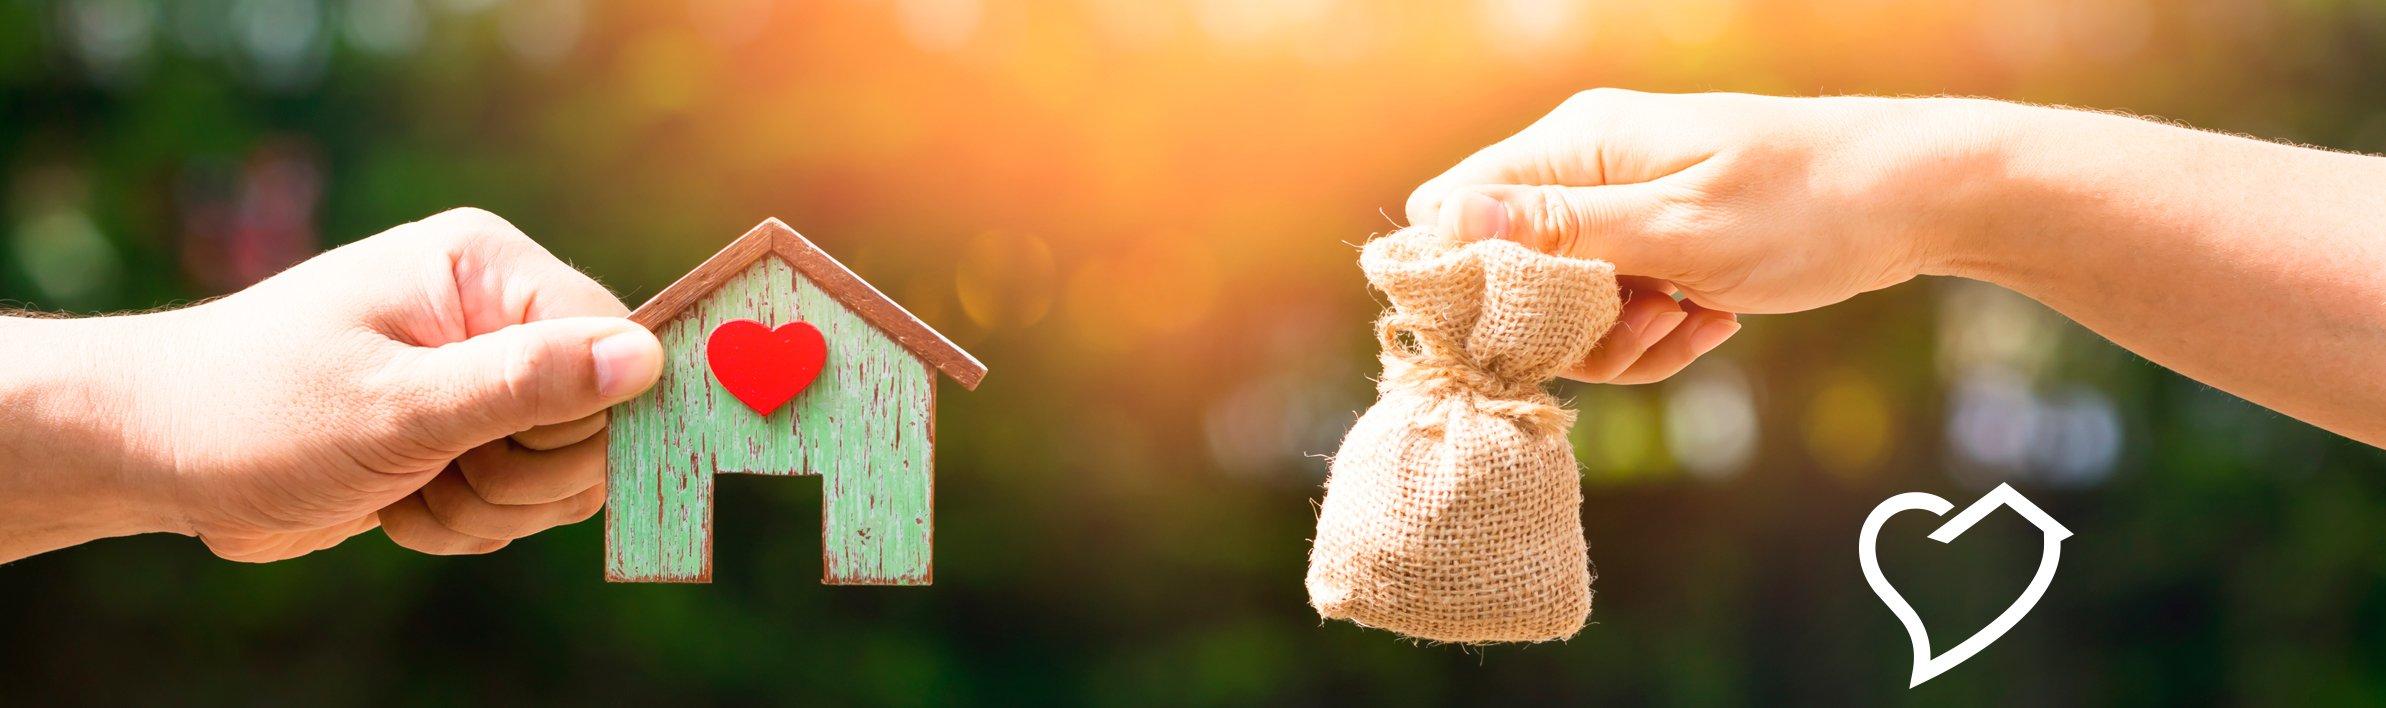 Hypotheekadvies met hart en ziel